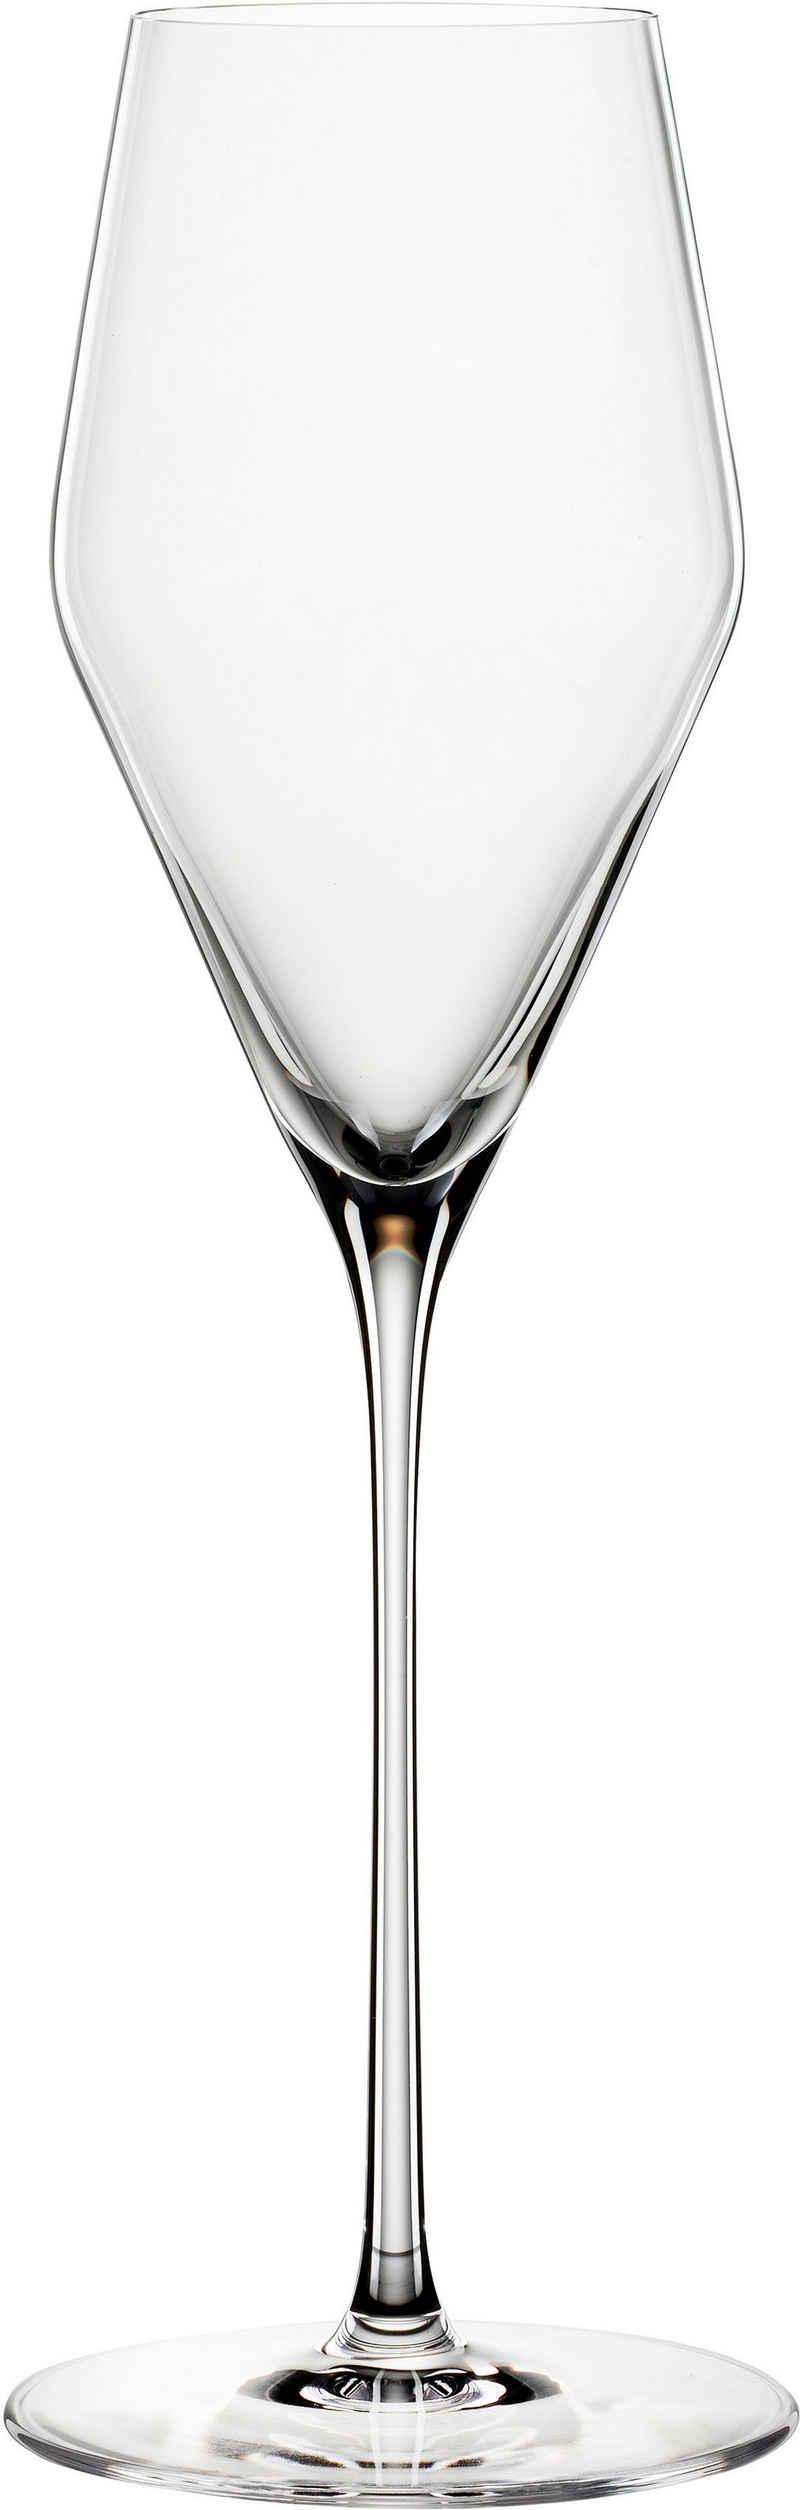 SPIEGELAU Champagnerglas »Definition«, Kristallglas, 250 ml